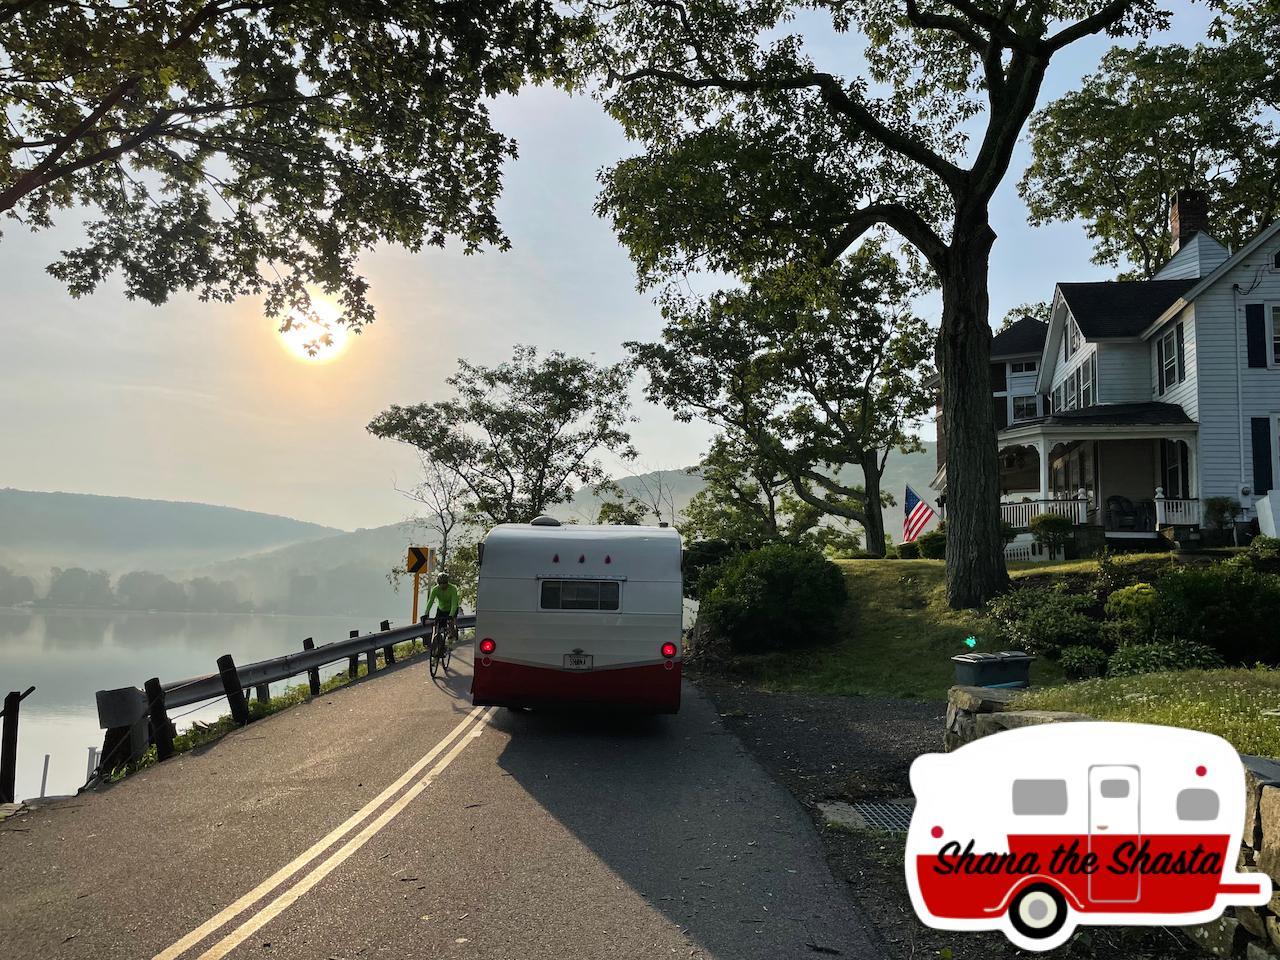 Vintage-Camper-Rounding-Old-Mansion-on-Lake-Waramaug